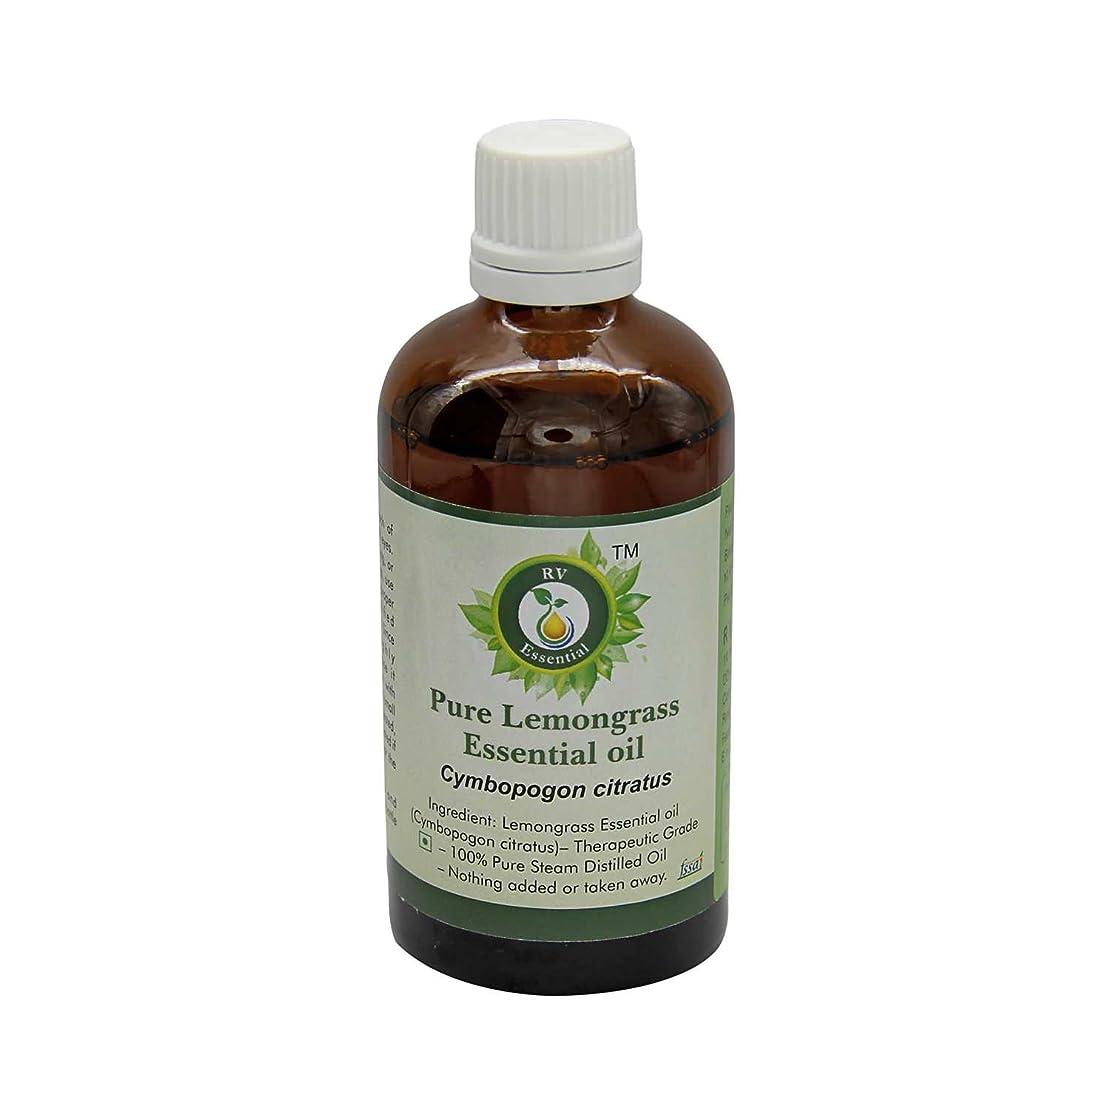 説教グリーンバック意識的R V Essential ピュアレモングラスエッセンシャルオイル100ml (3.38oz)- Cymbopogon Citratus (100%純粋&天然スチームDistilled) Pure Lemongrass Essential Oil